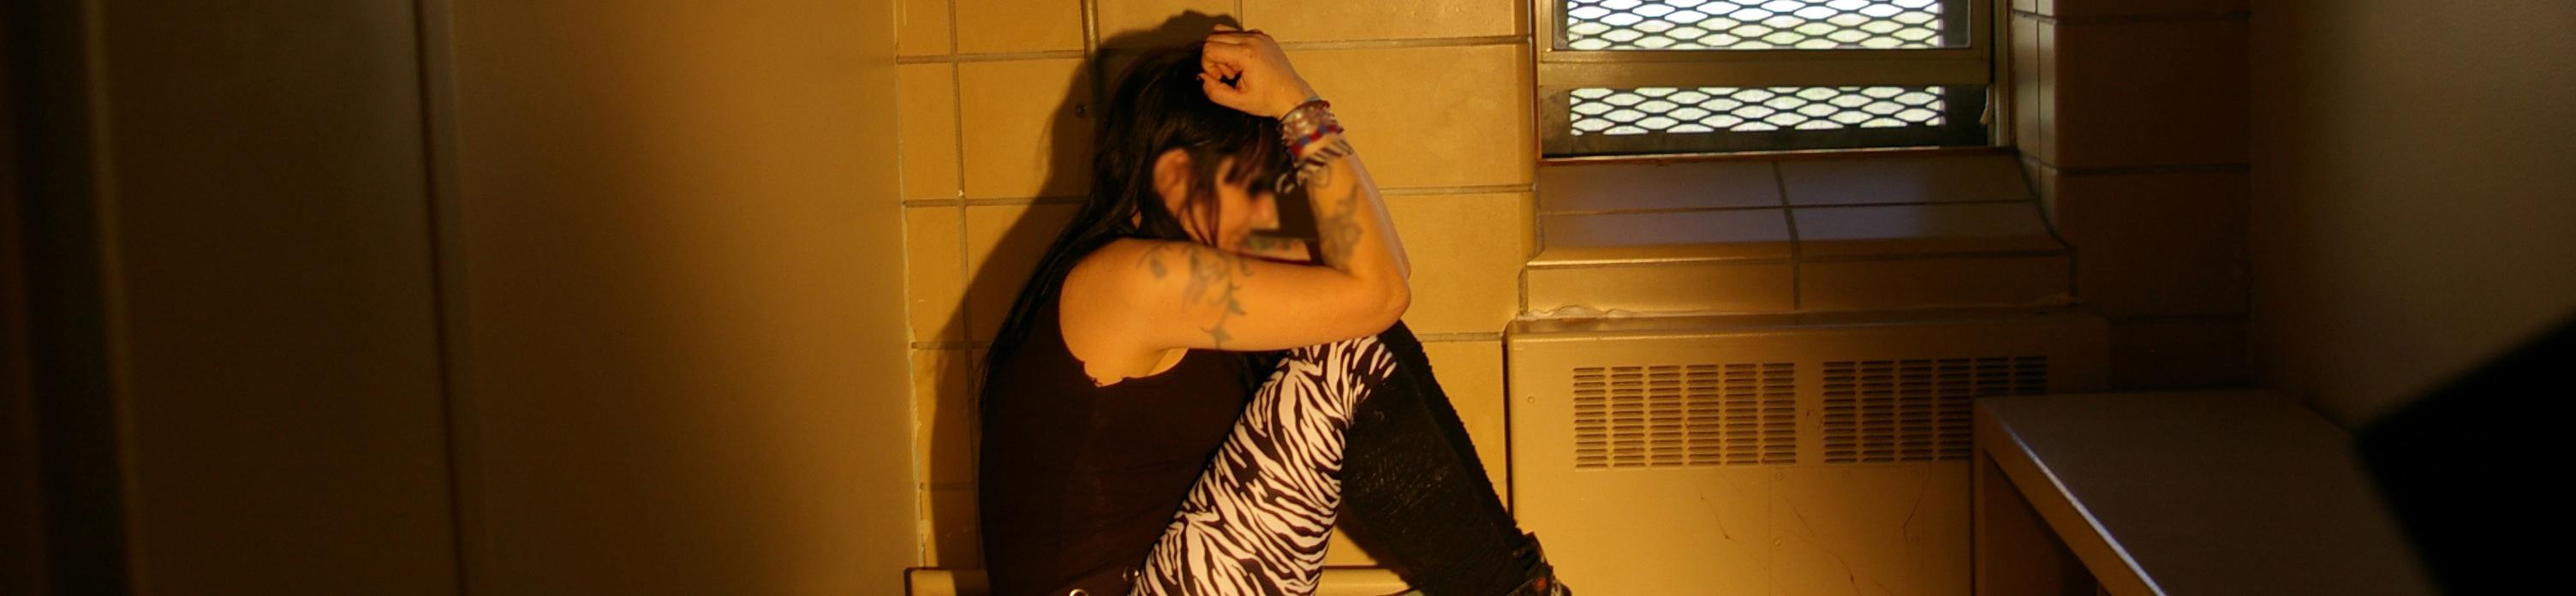 Feuillets d'information sur la justice pénale chez les femmes